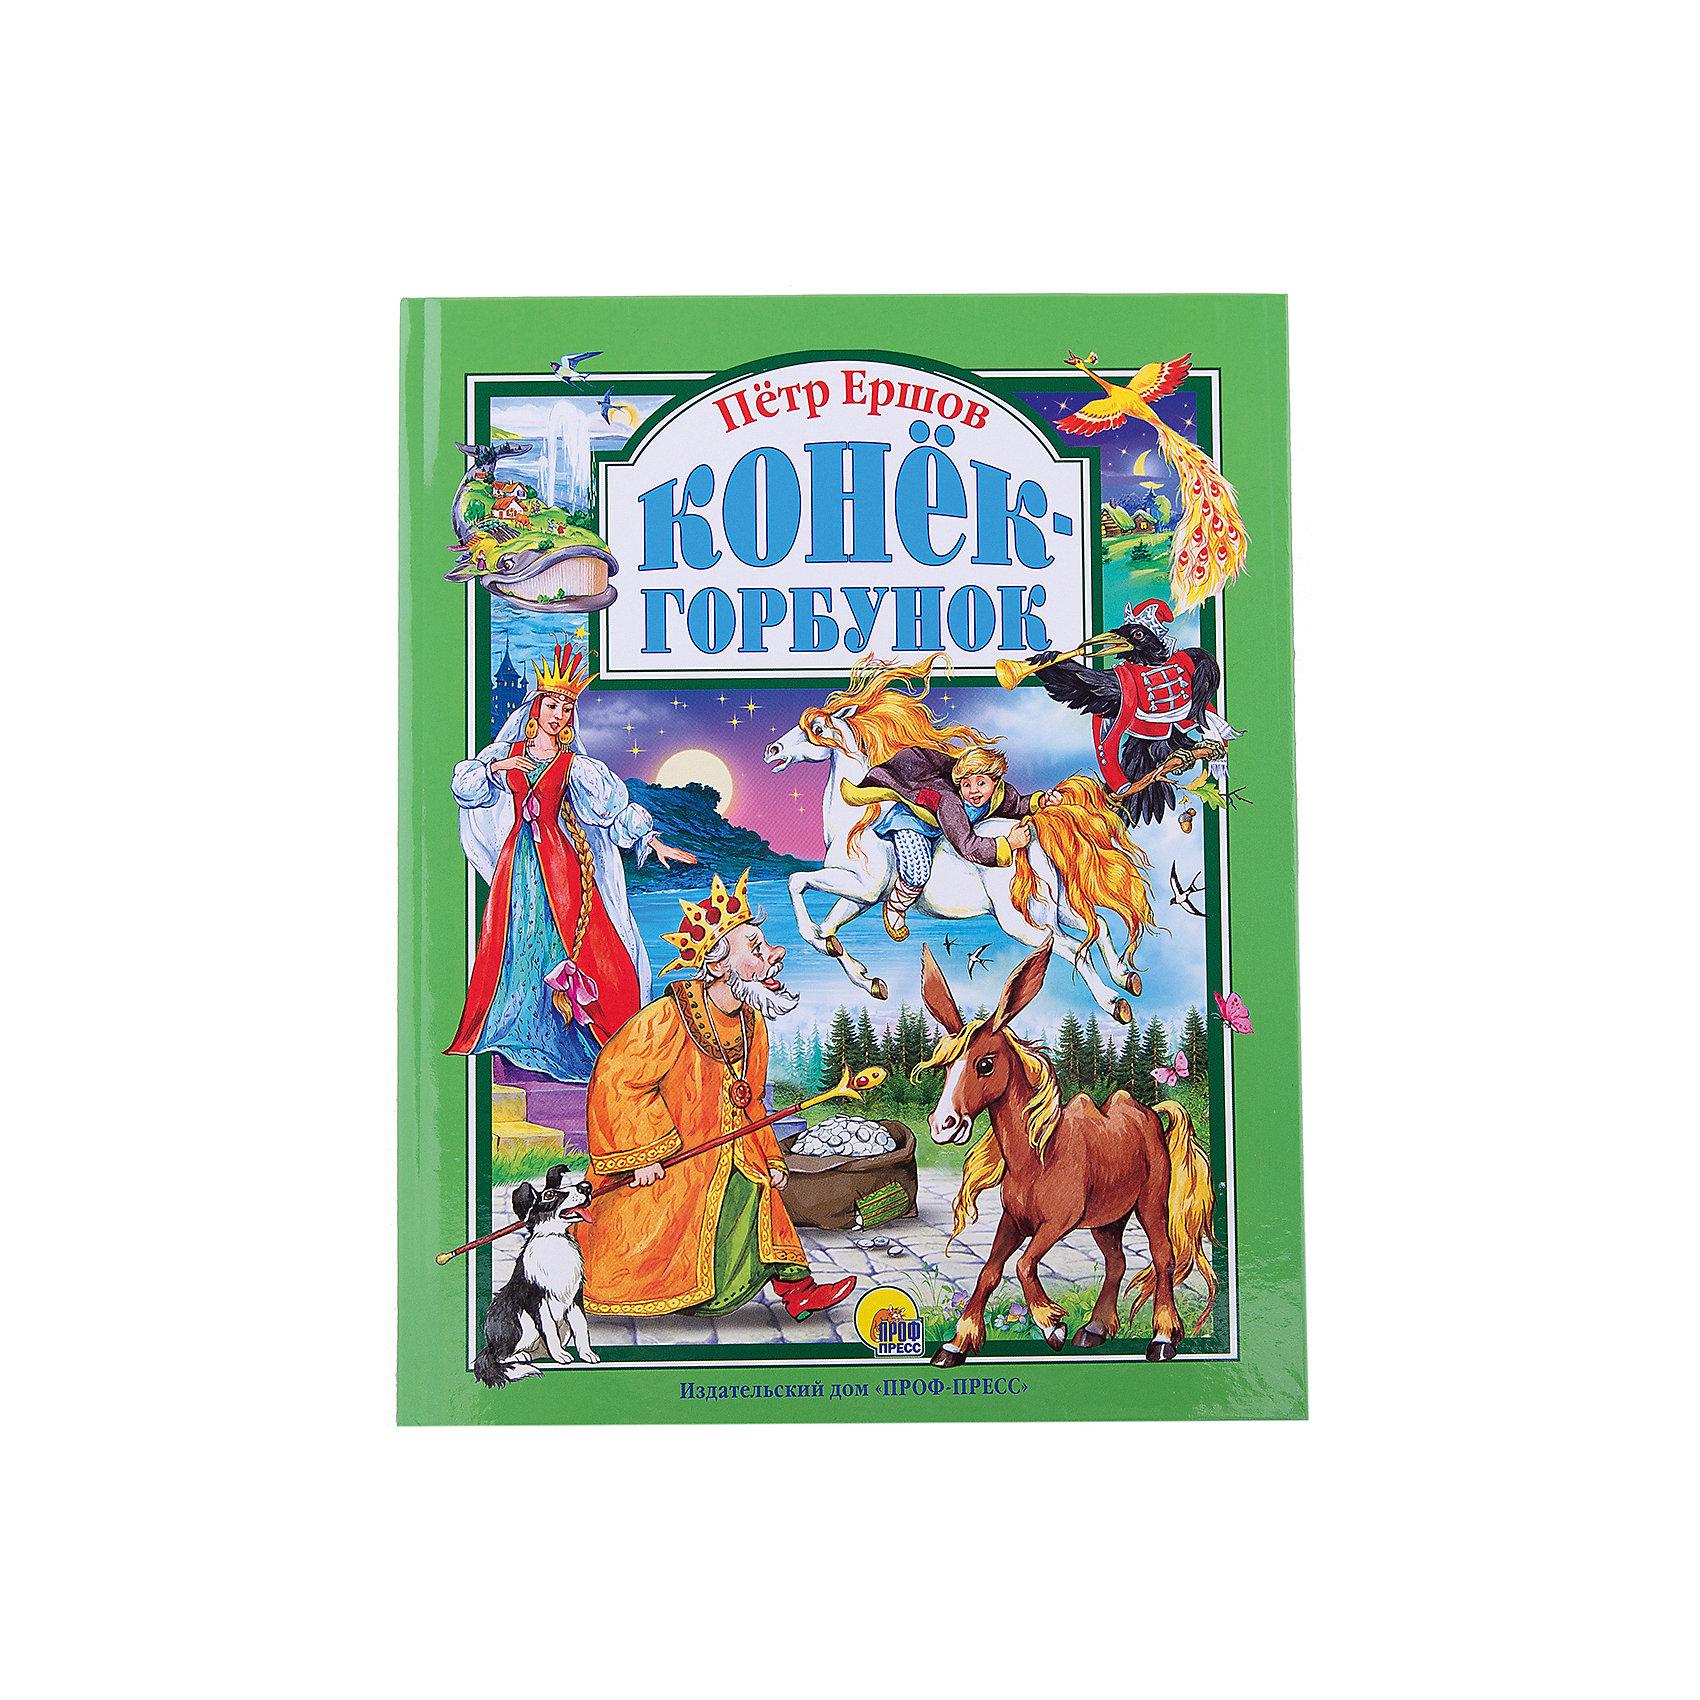 Конёк-горбунок, П. ЕршовПроф-Пресс<br>Данная серия изданий собрала сказки, проверенные многими поколениями, которые понравятся и современным детям. Книги - это лучший подарок не только взрослым, они помогают детям познавать мир и учиться читать, также книги позволяют ребенку весело проводить время. Они также стимулируют развитие воображения, логики и творческого мышления.<br>Это издание очень красиво оформлено, сама сказка про Конька-Горбунка неизменно впечатляет детей. Яркие картинки обязательно понравятся малышам! Книга сделана из качественных и безопасных для детей материалов.<br>  <br>Дополнительная информация:<br><br>размер: 200х265 мм;<br>вес: 441 г.<br><br>Книгу Конёк-горбунок, П. Ершов от издательства Проф-Пресс можно купить в нашем магазине.<br><br>Ширина мм: 200<br>Глубина мм: 13<br>Высота мм: 265<br>Вес г: 441<br>Возраст от месяцев: 0<br>Возраст до месяцев: 60<br>Пол: Унисекс<br>Возраст: Детский<br>SKU: 4787321